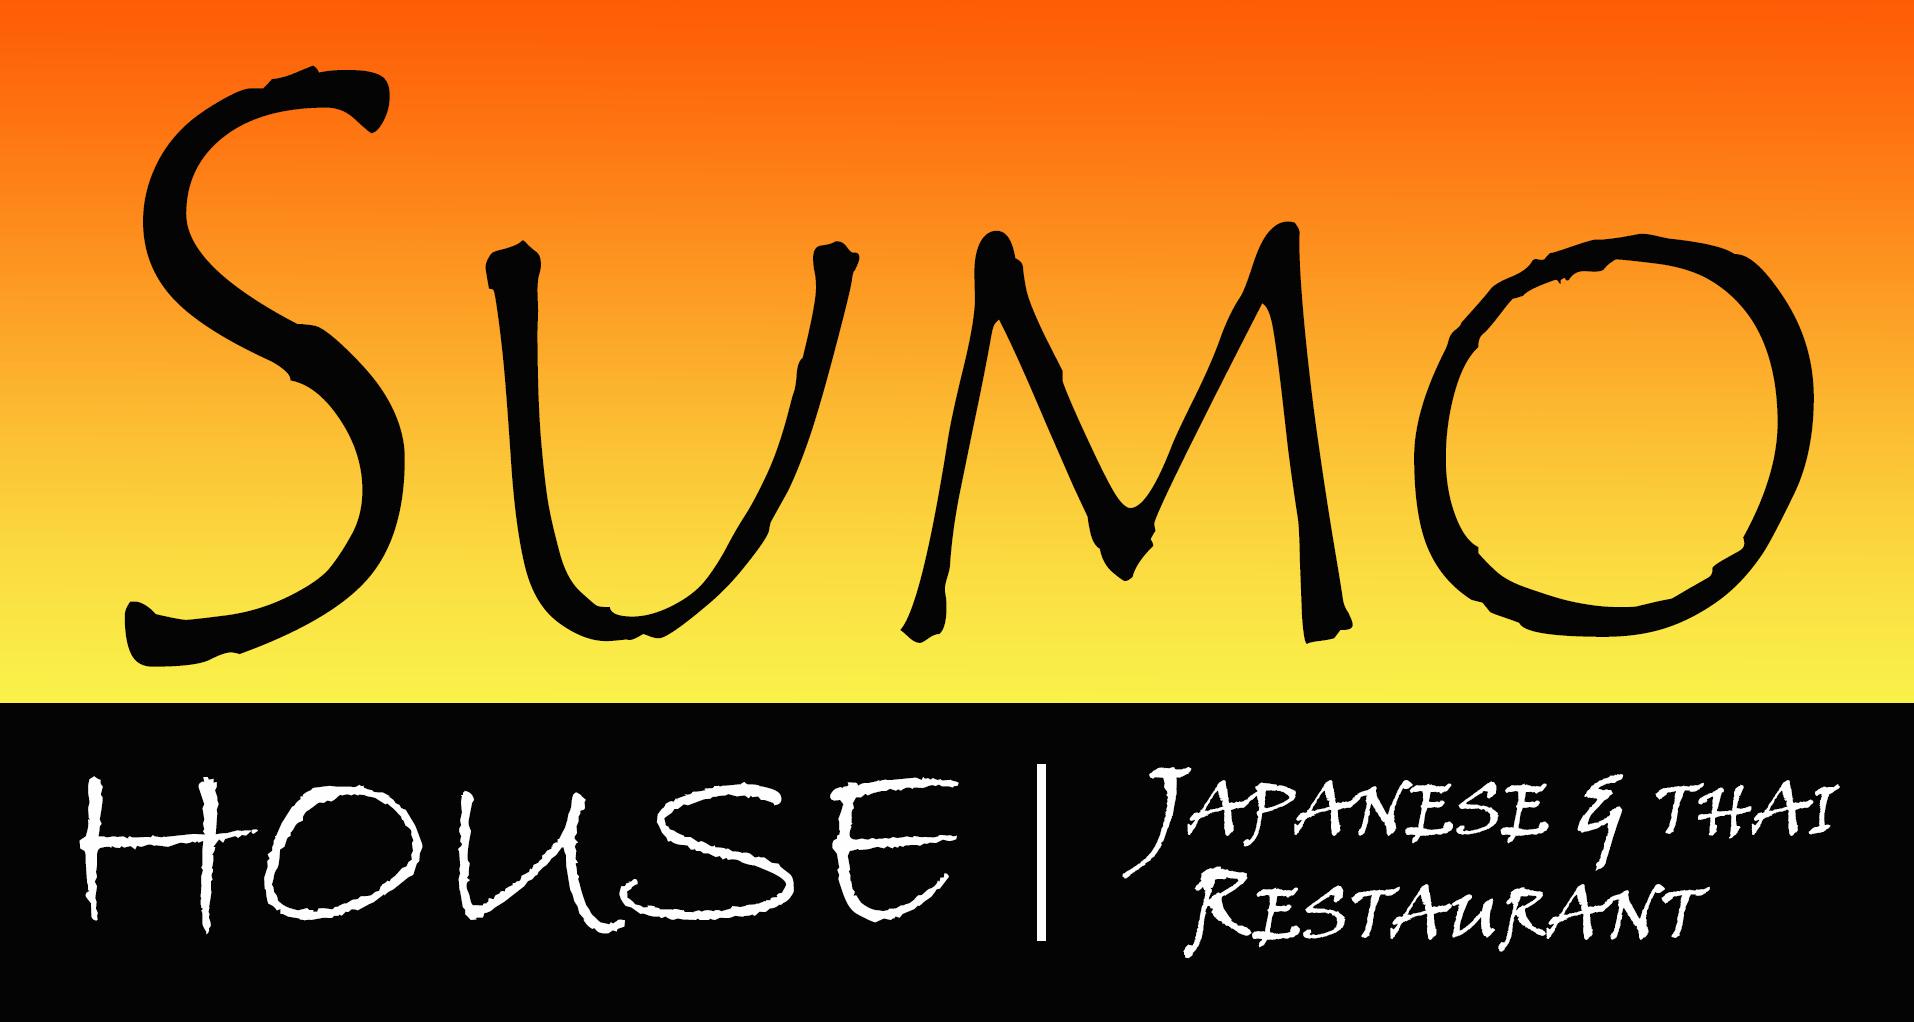 Sumo House